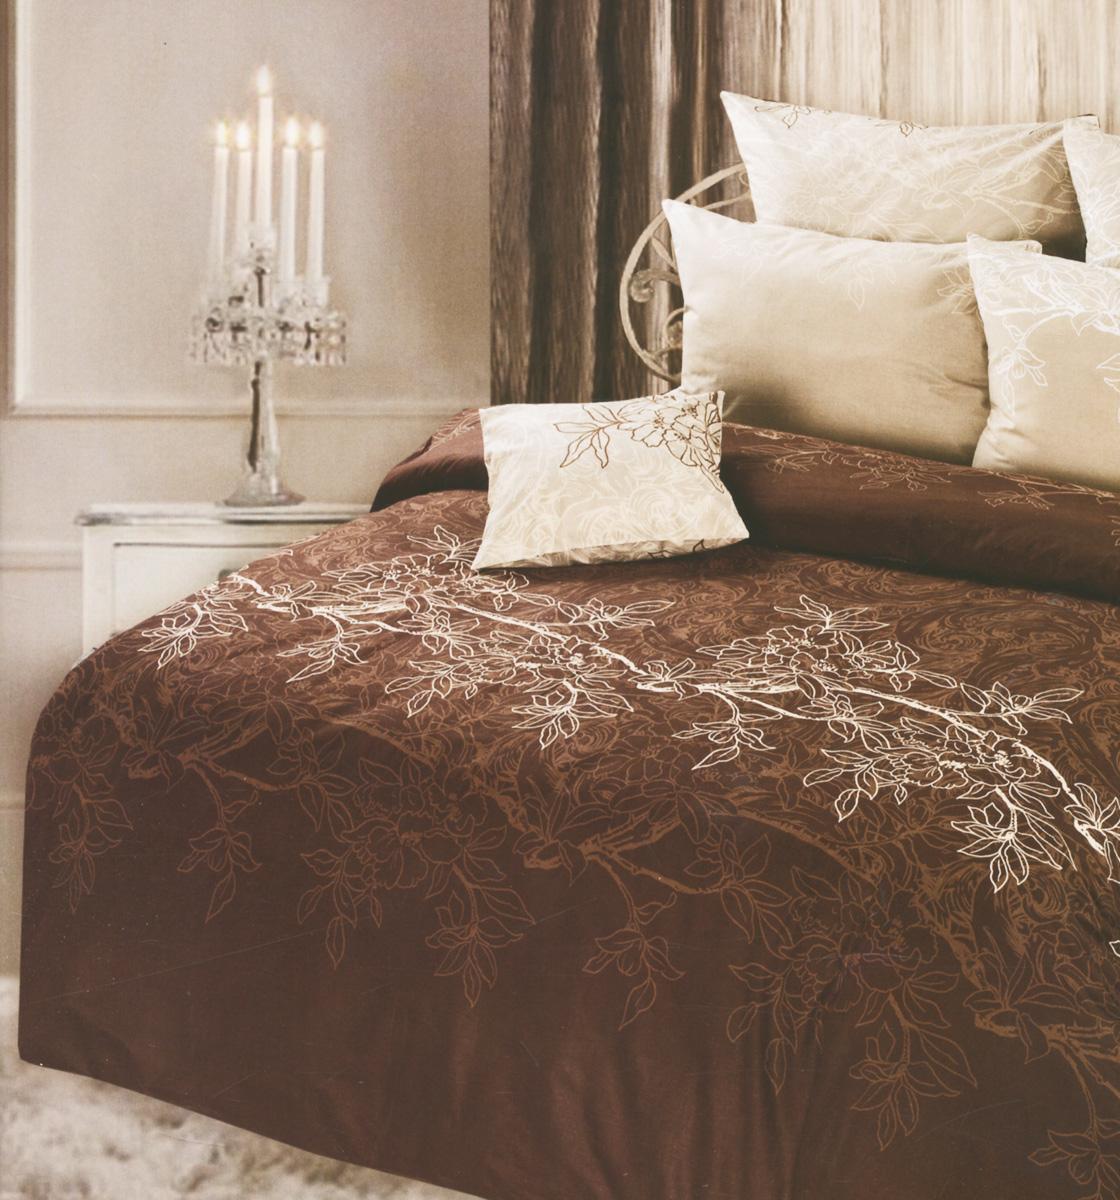 Комплект белья Romantic Сиена, 1,5-спальный, наволочки 70х70, цвет: бежевый, коричневый264460Роскошный комплект постельного белья Romantic Сиена выполнен из натуральной ткани 100% хлопка высшего качества. Комплект состоит из пододеяльника, простыни и двух наволочек. Lux Cotton - это уникальная ткань, произведенная из длинноволокнистого мягкого хлопка. Постельное белье Romantic подчеркнет ваш индивидуальный стиль и создаст неповторимую и романтическую атмосферу в вашей спальне.